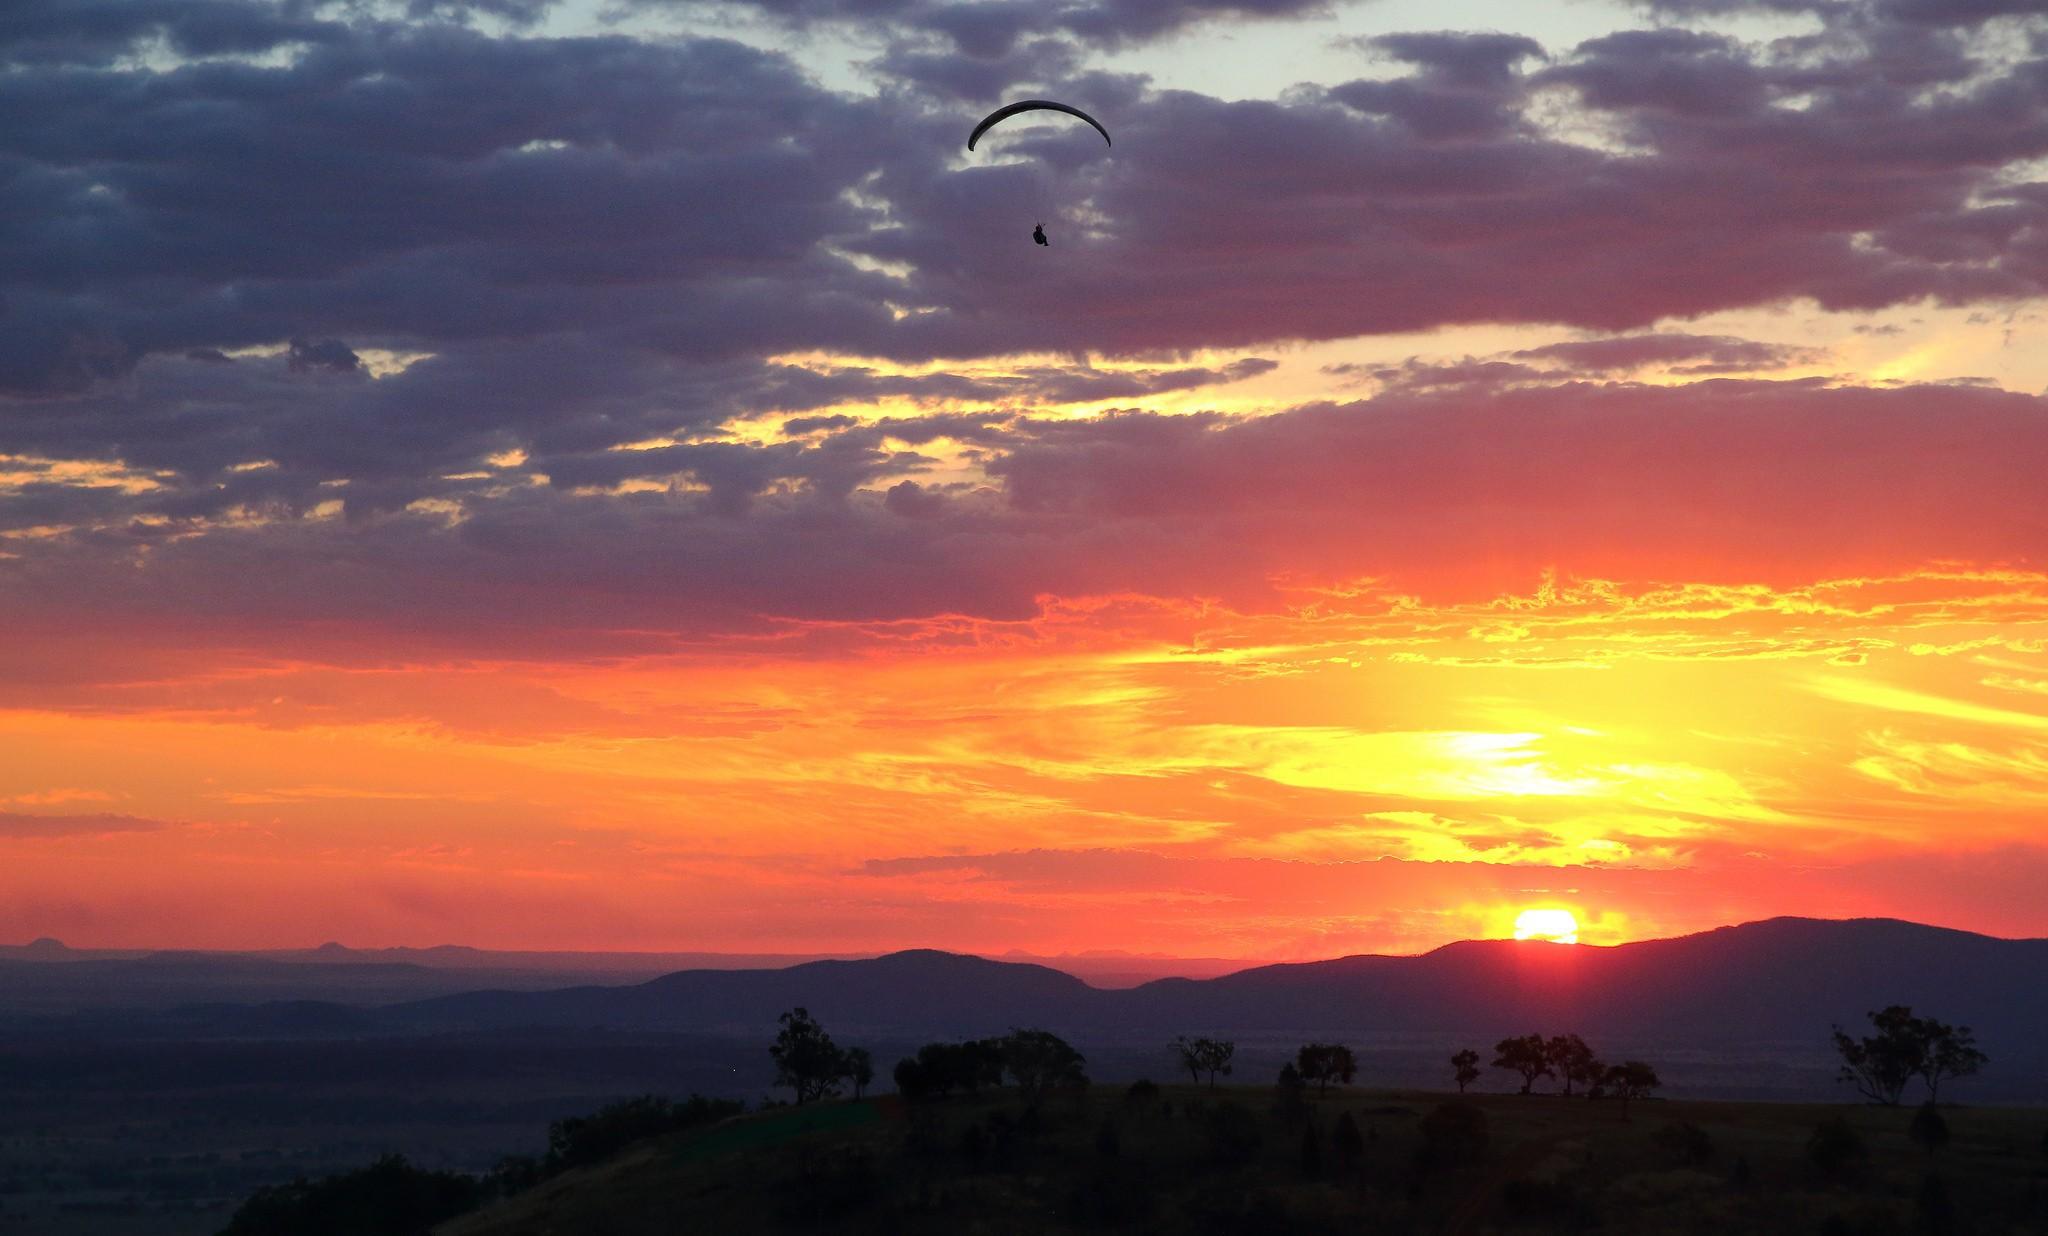 Paragliding photos